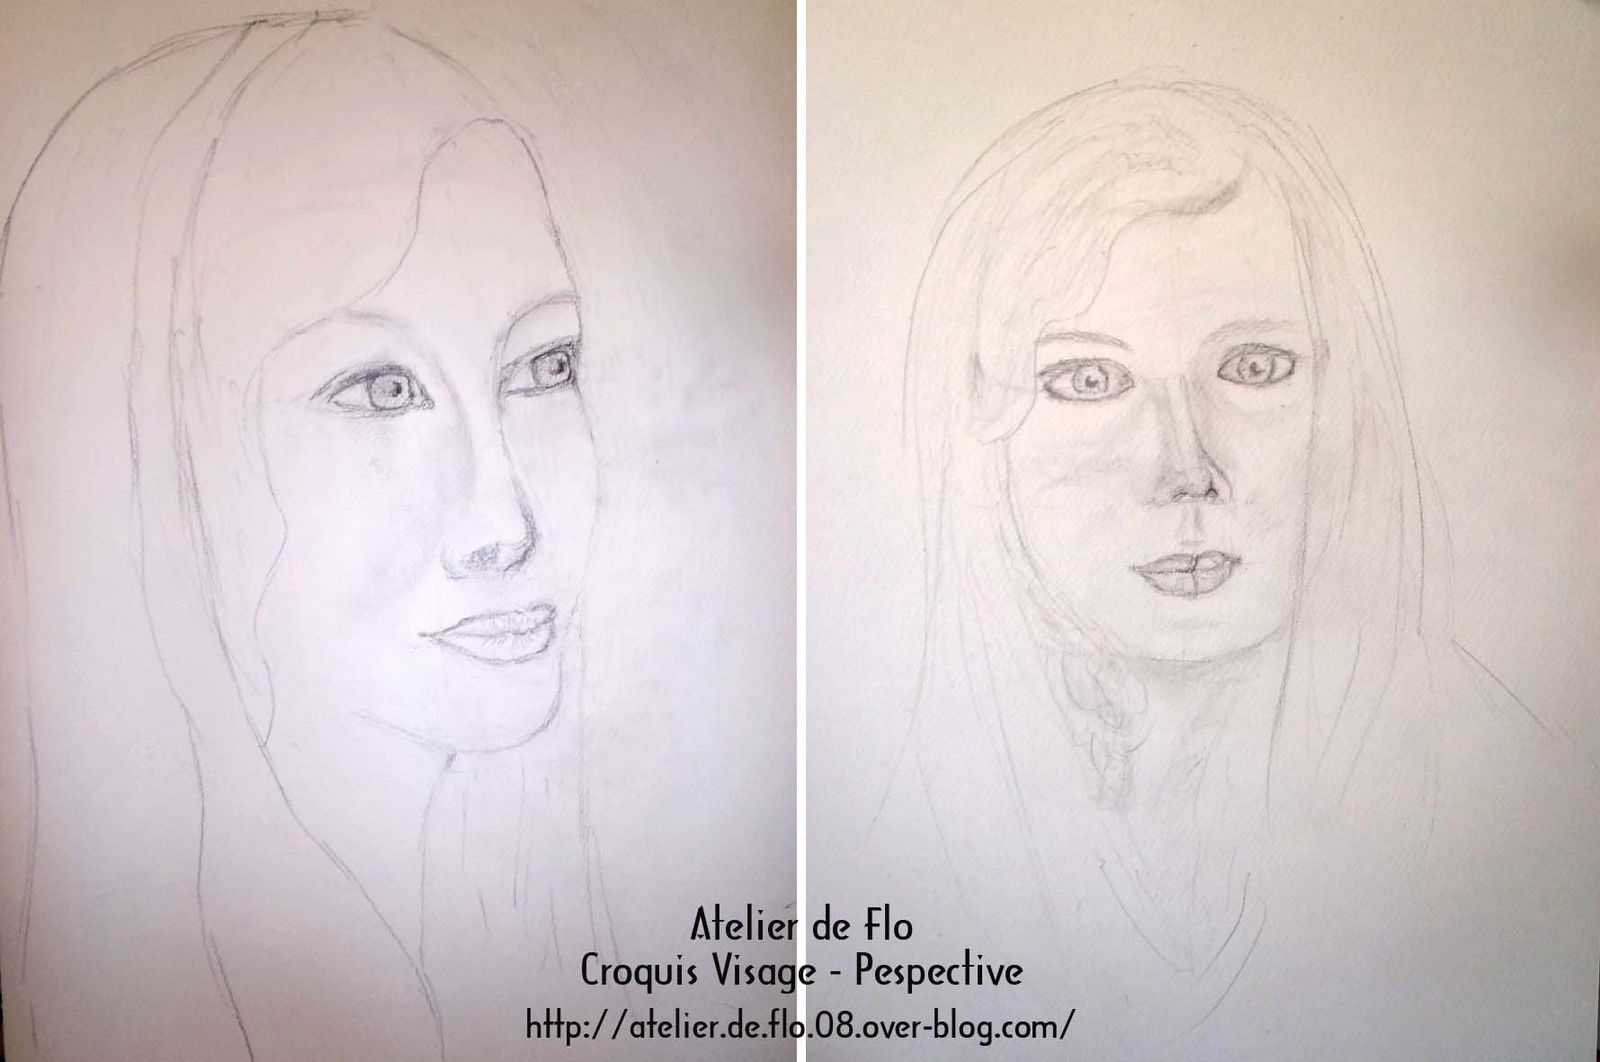 Le 1er atelier visage &  perspective. Nous finaliserons ces croquis en couleur la semaine pochaine